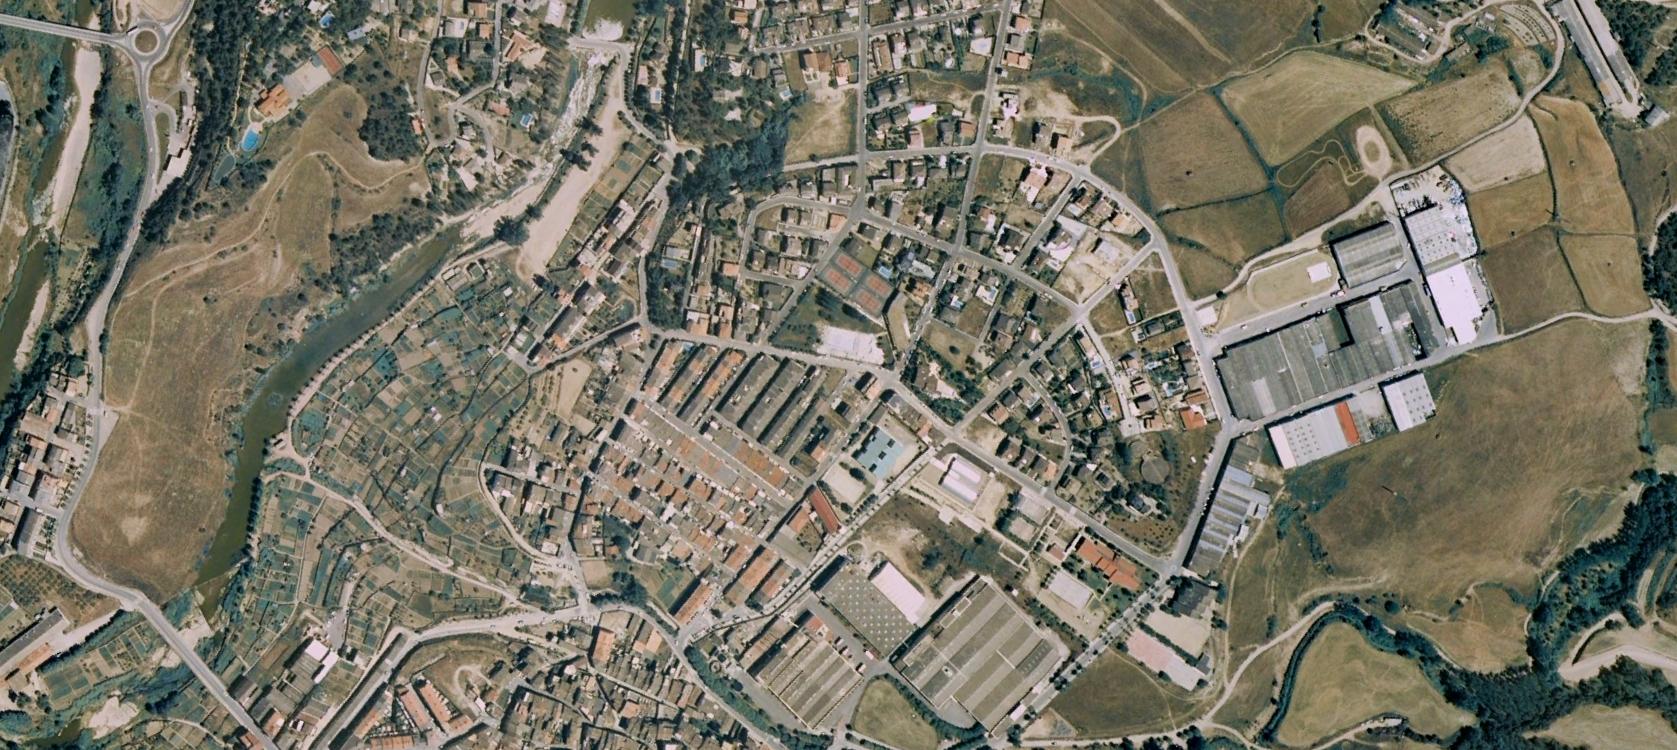 navarcles, barcelona, naumaquias, peticiones del oyente, antes, urbanismo, planeamiento, urbano, desastre, urbanístico, construcción